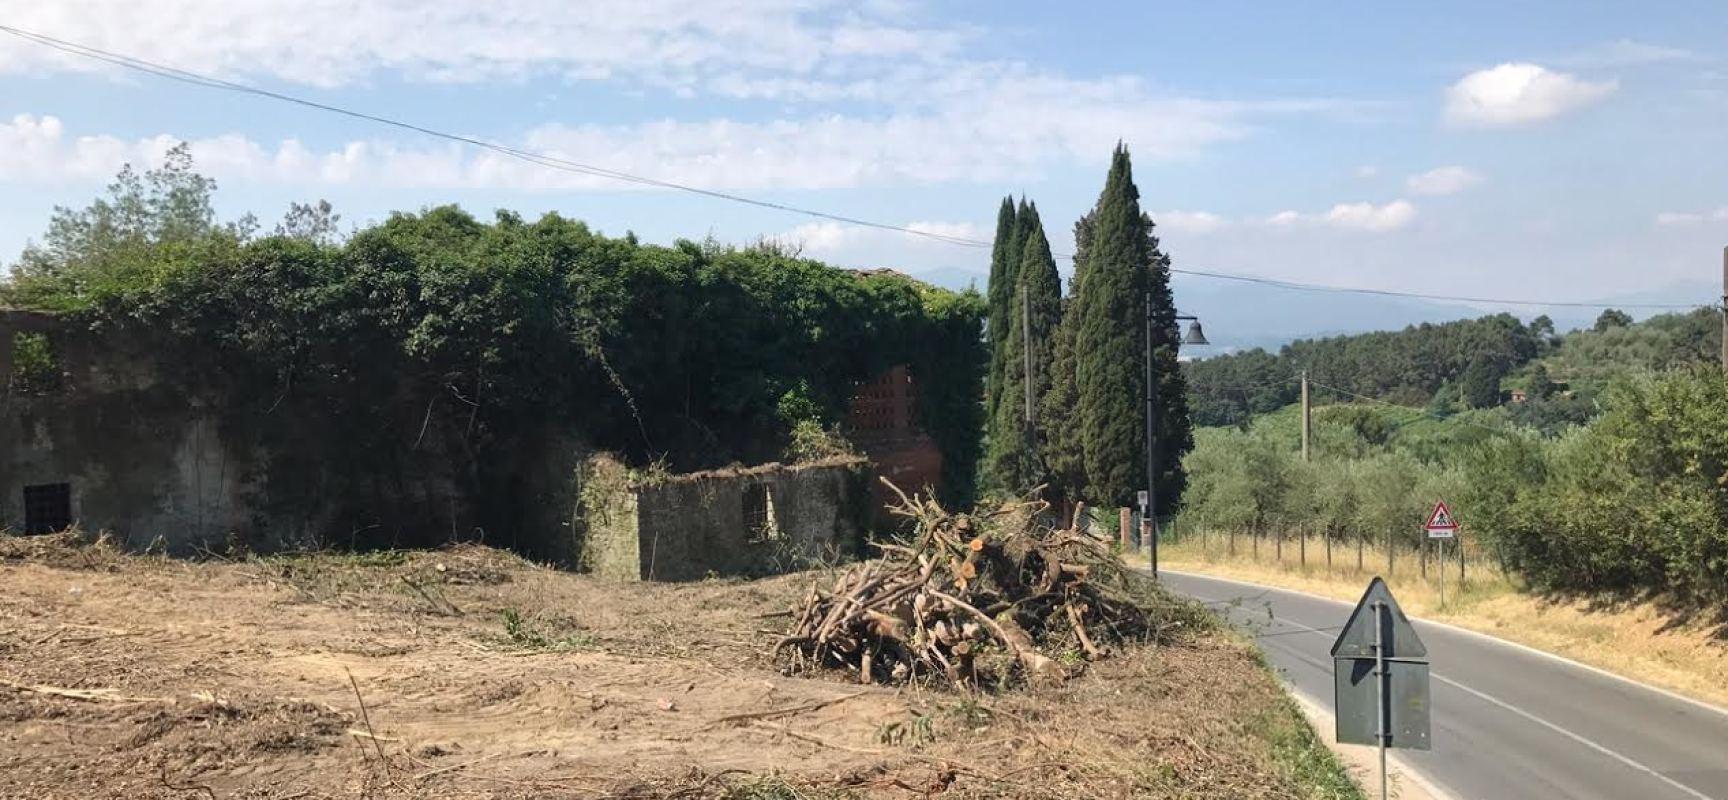 montecarlo – AREE E CAMPI INCOLTI, CONTINUA LA CAMPAGNA PER IL DECORO E LA SICUREZZA DEL  COMUNE.